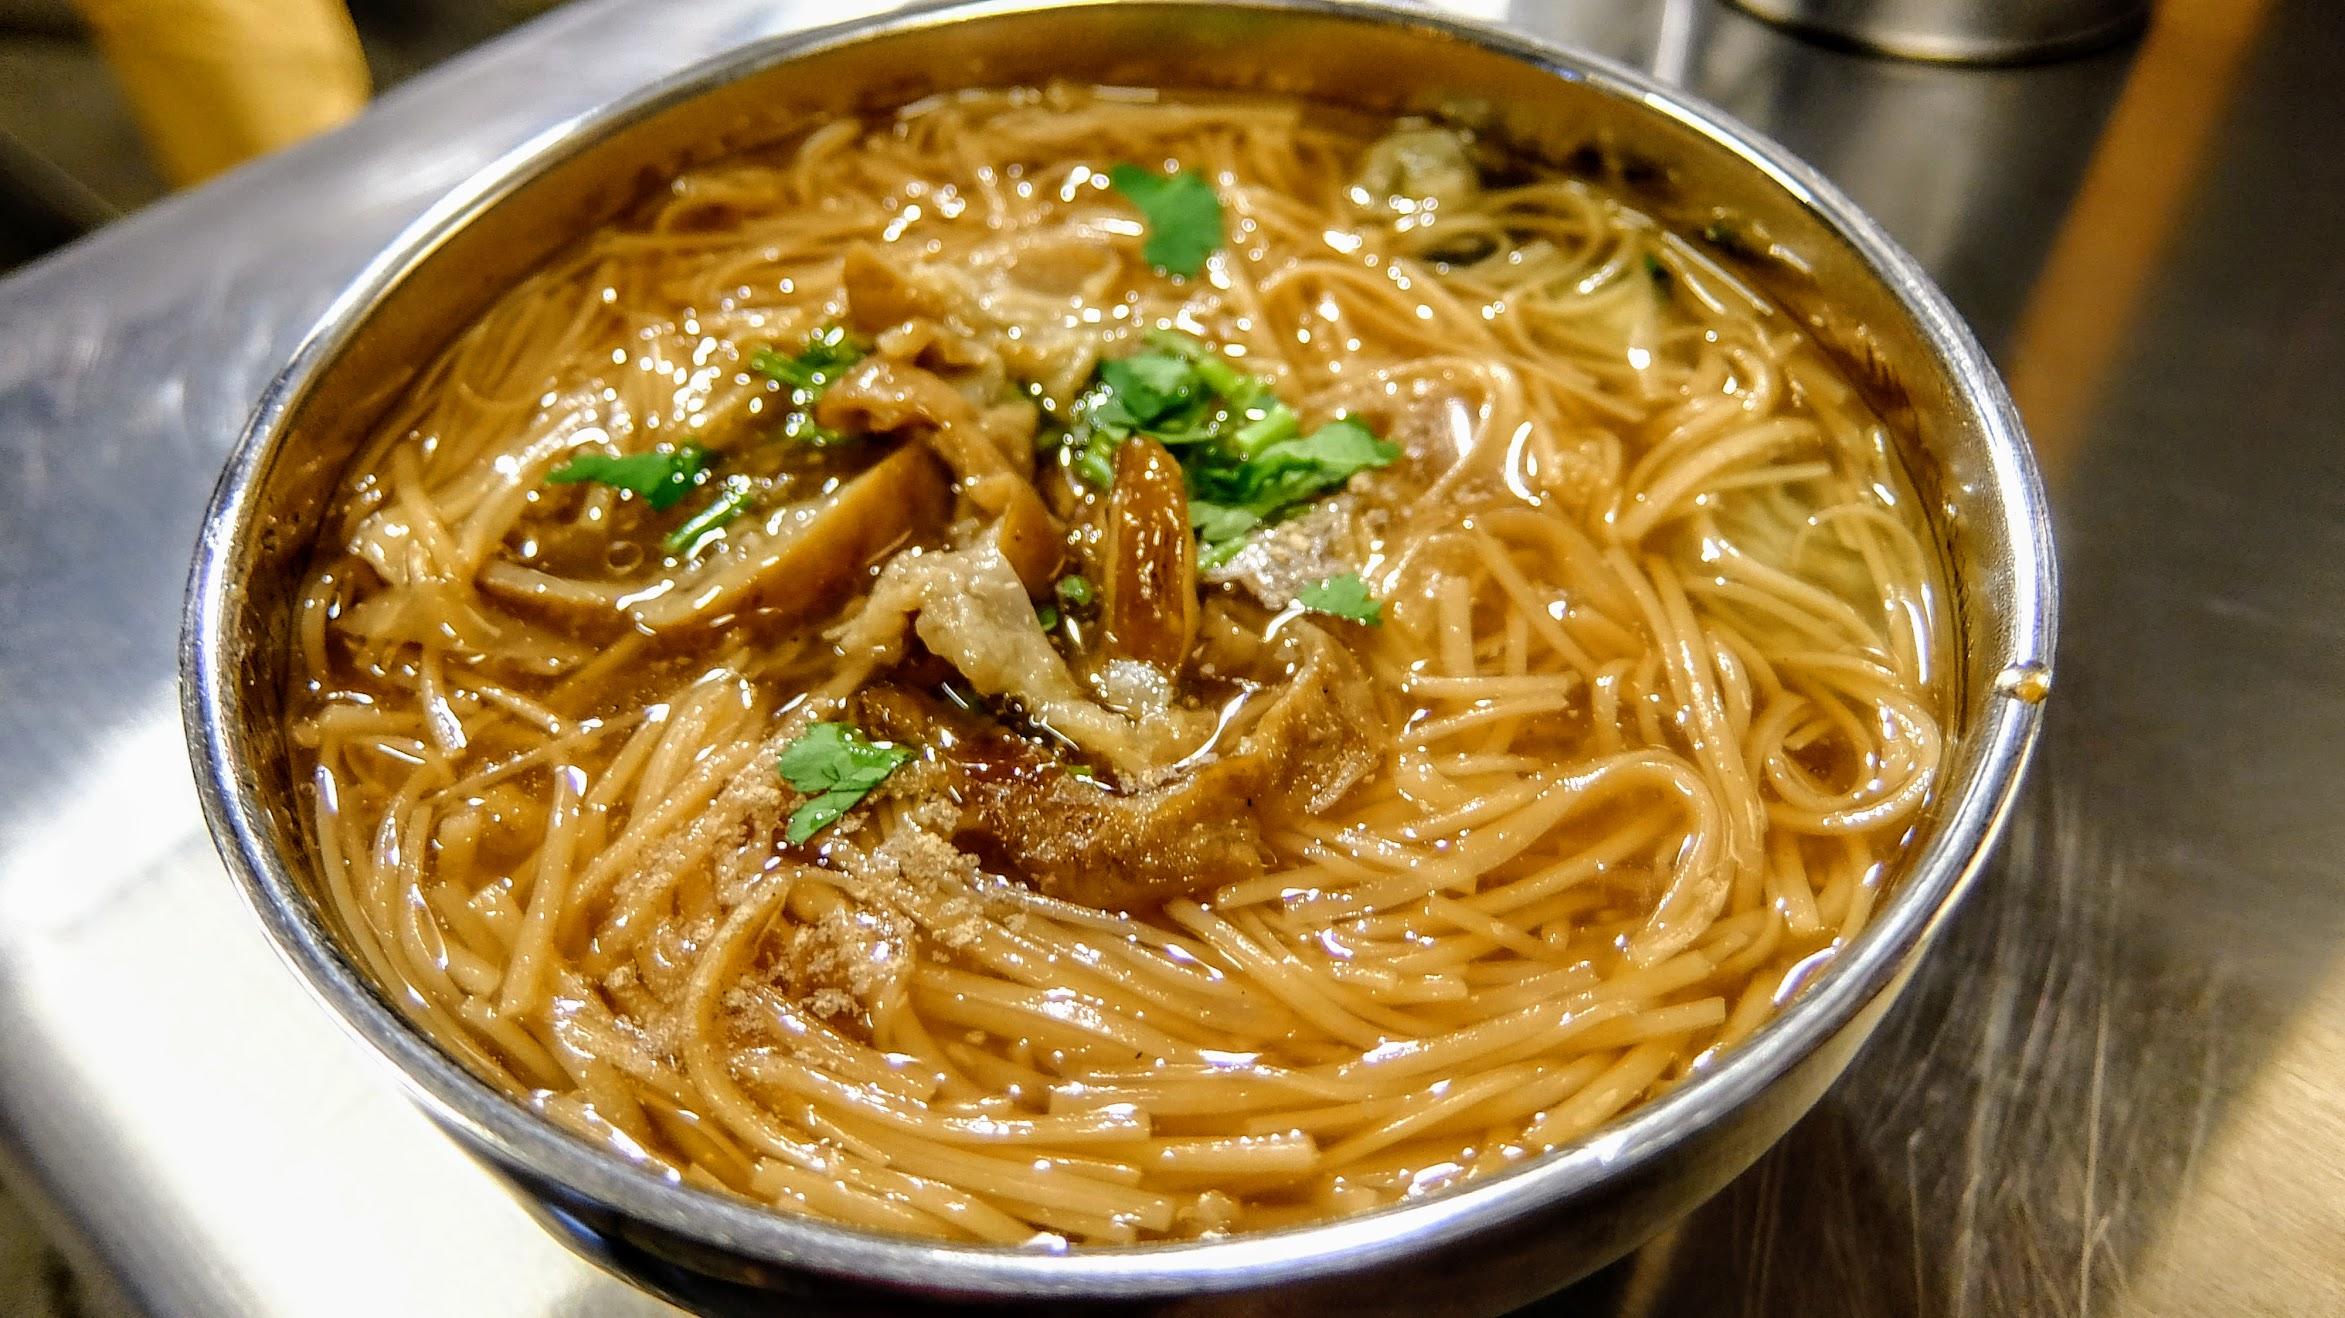 大腸麵線,這是小碗的,其實還蠻多的啊! 上頭有滷過的大腸,裡頭有裹粉的蛤仔..